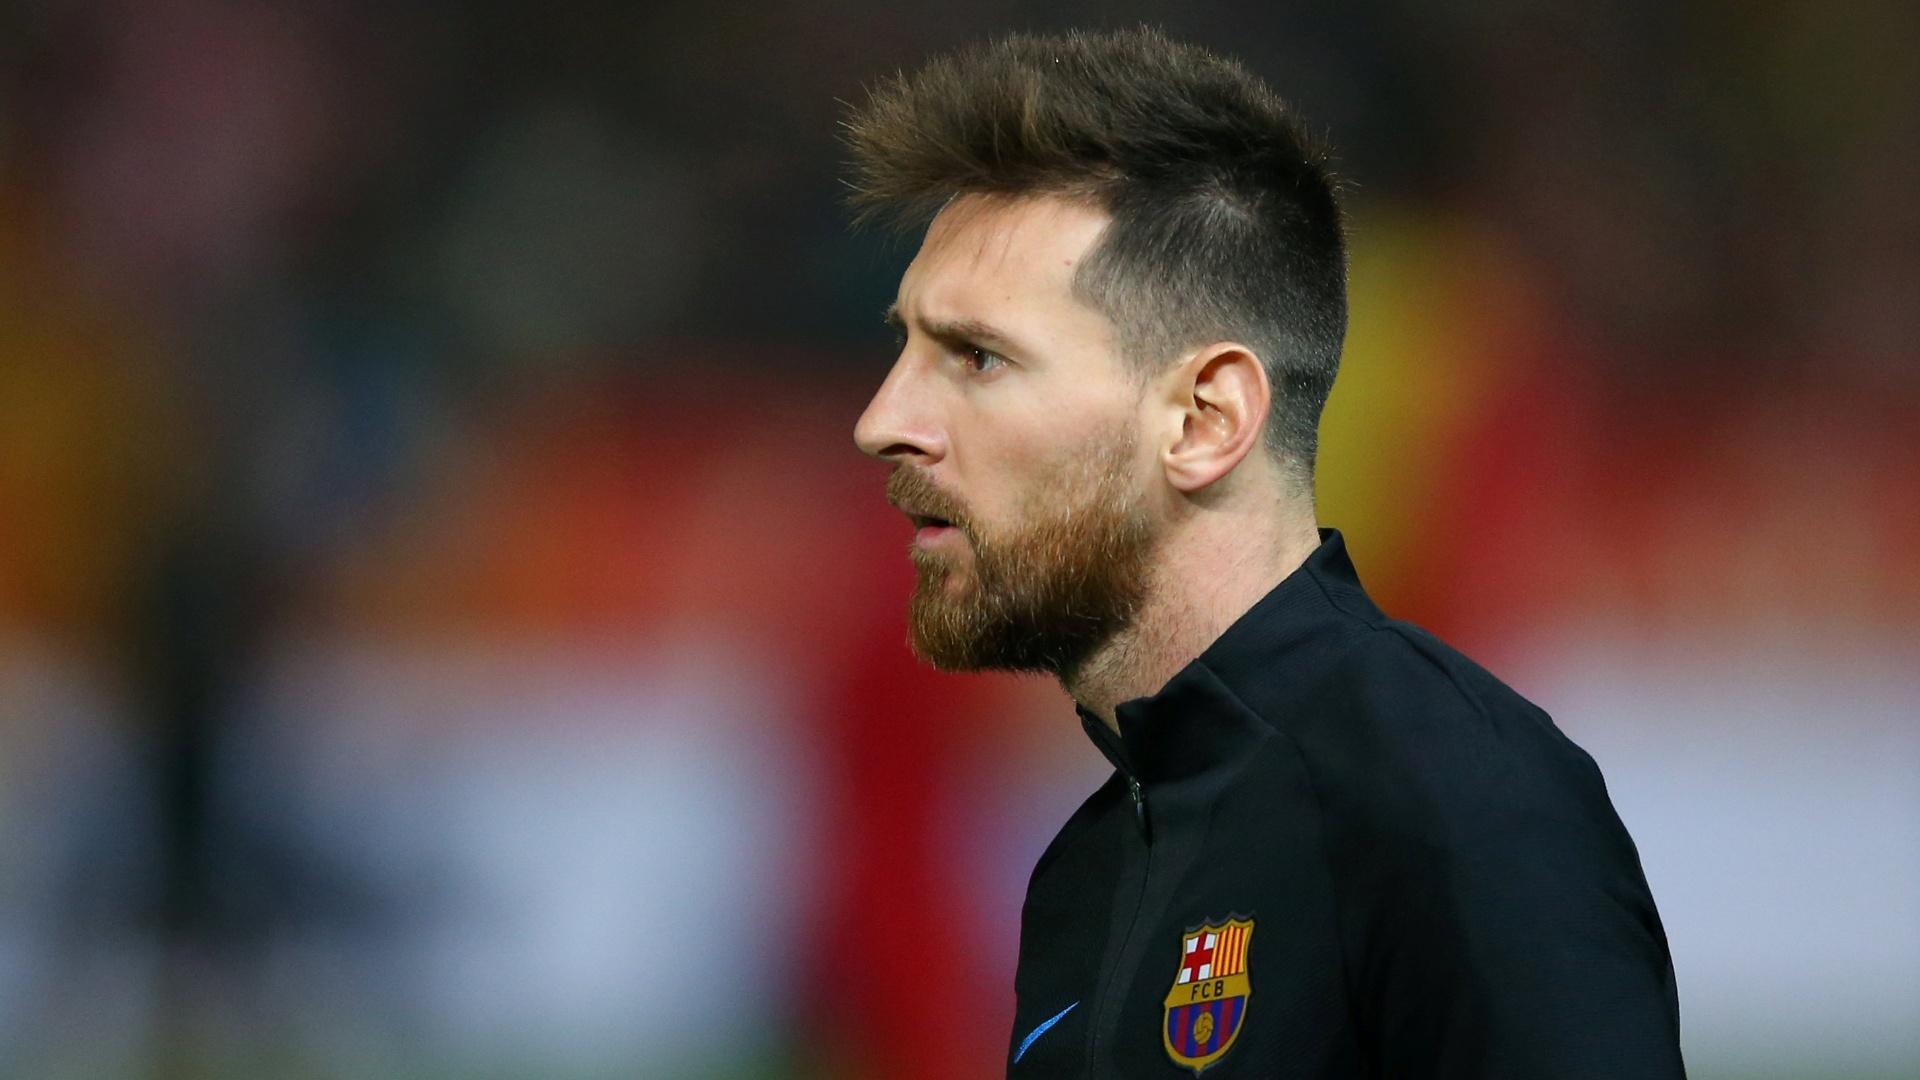 Messi enviou mensagem para menino vítima de terremoto no México